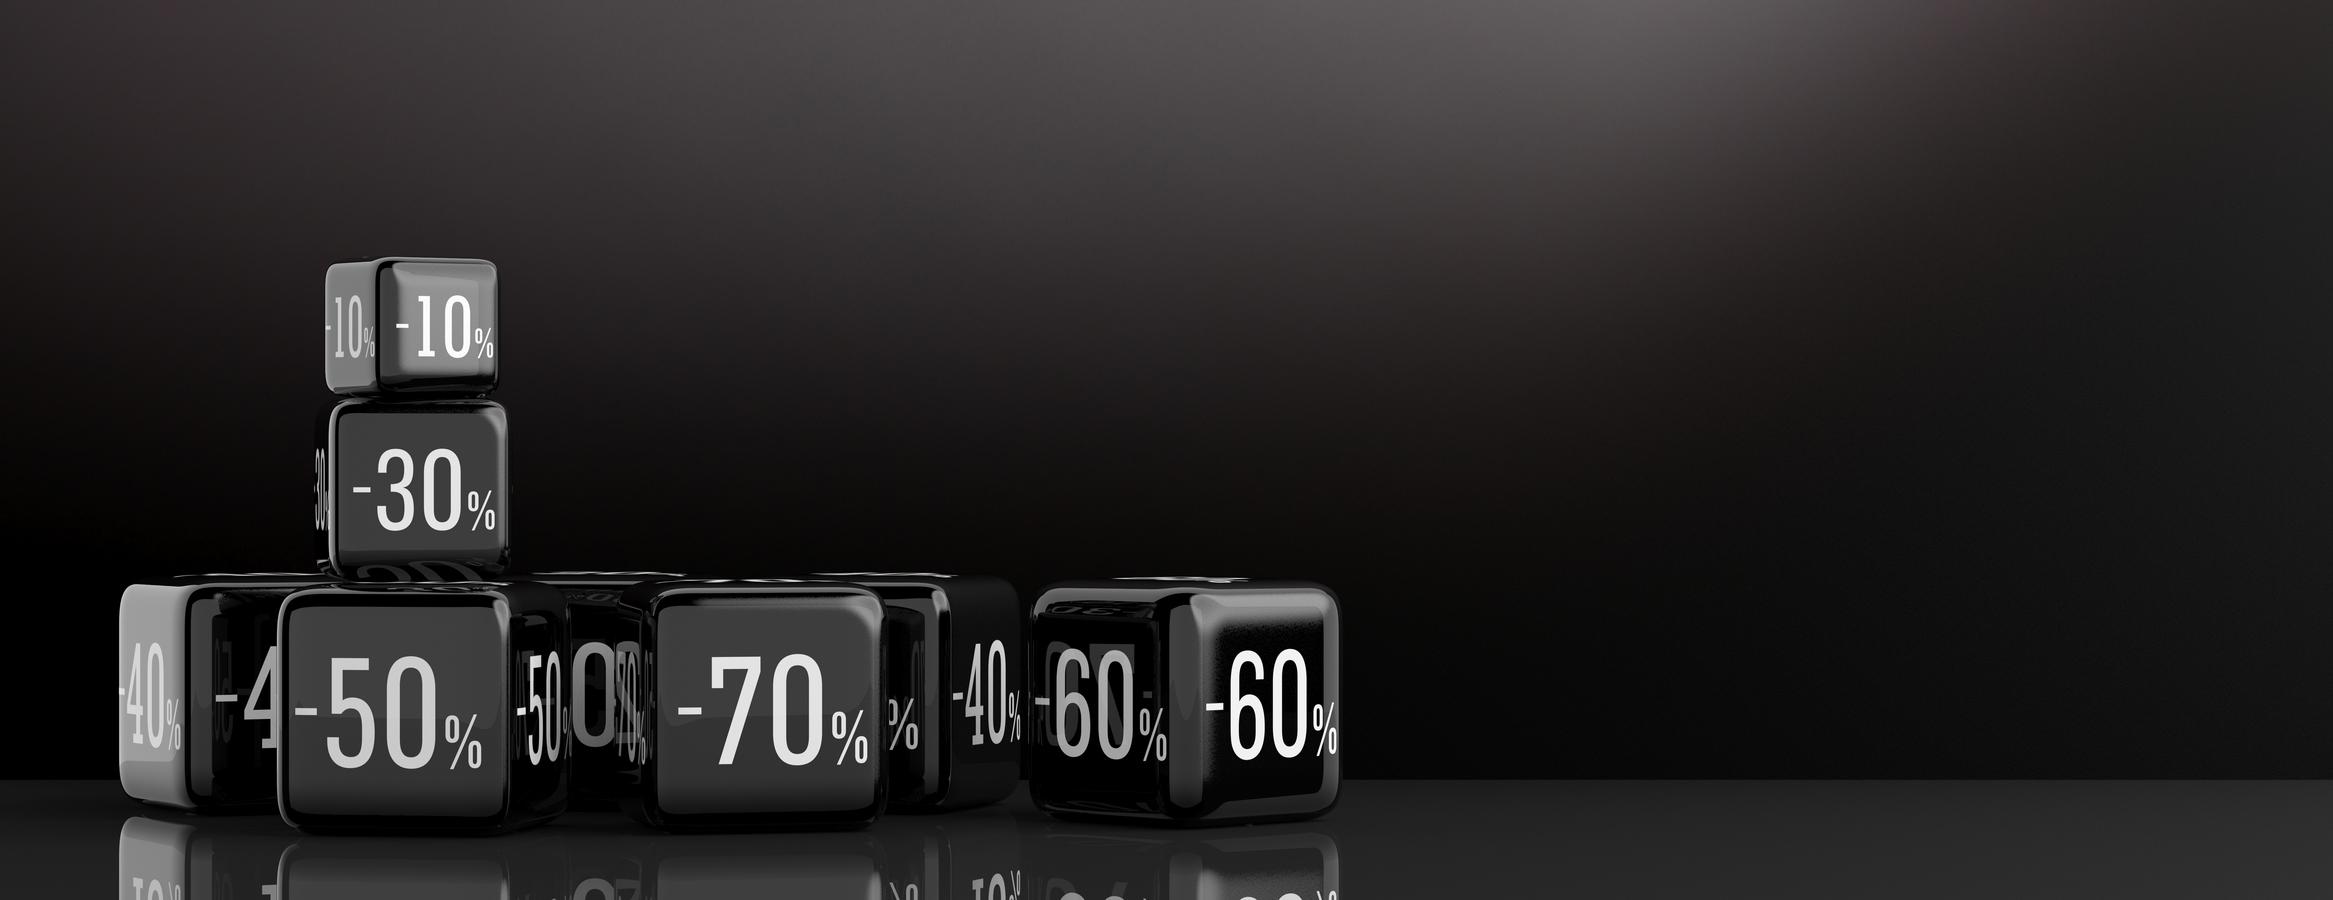 Black Friday sale concept. Sale symbol on black cubes, black background. 3d illustration